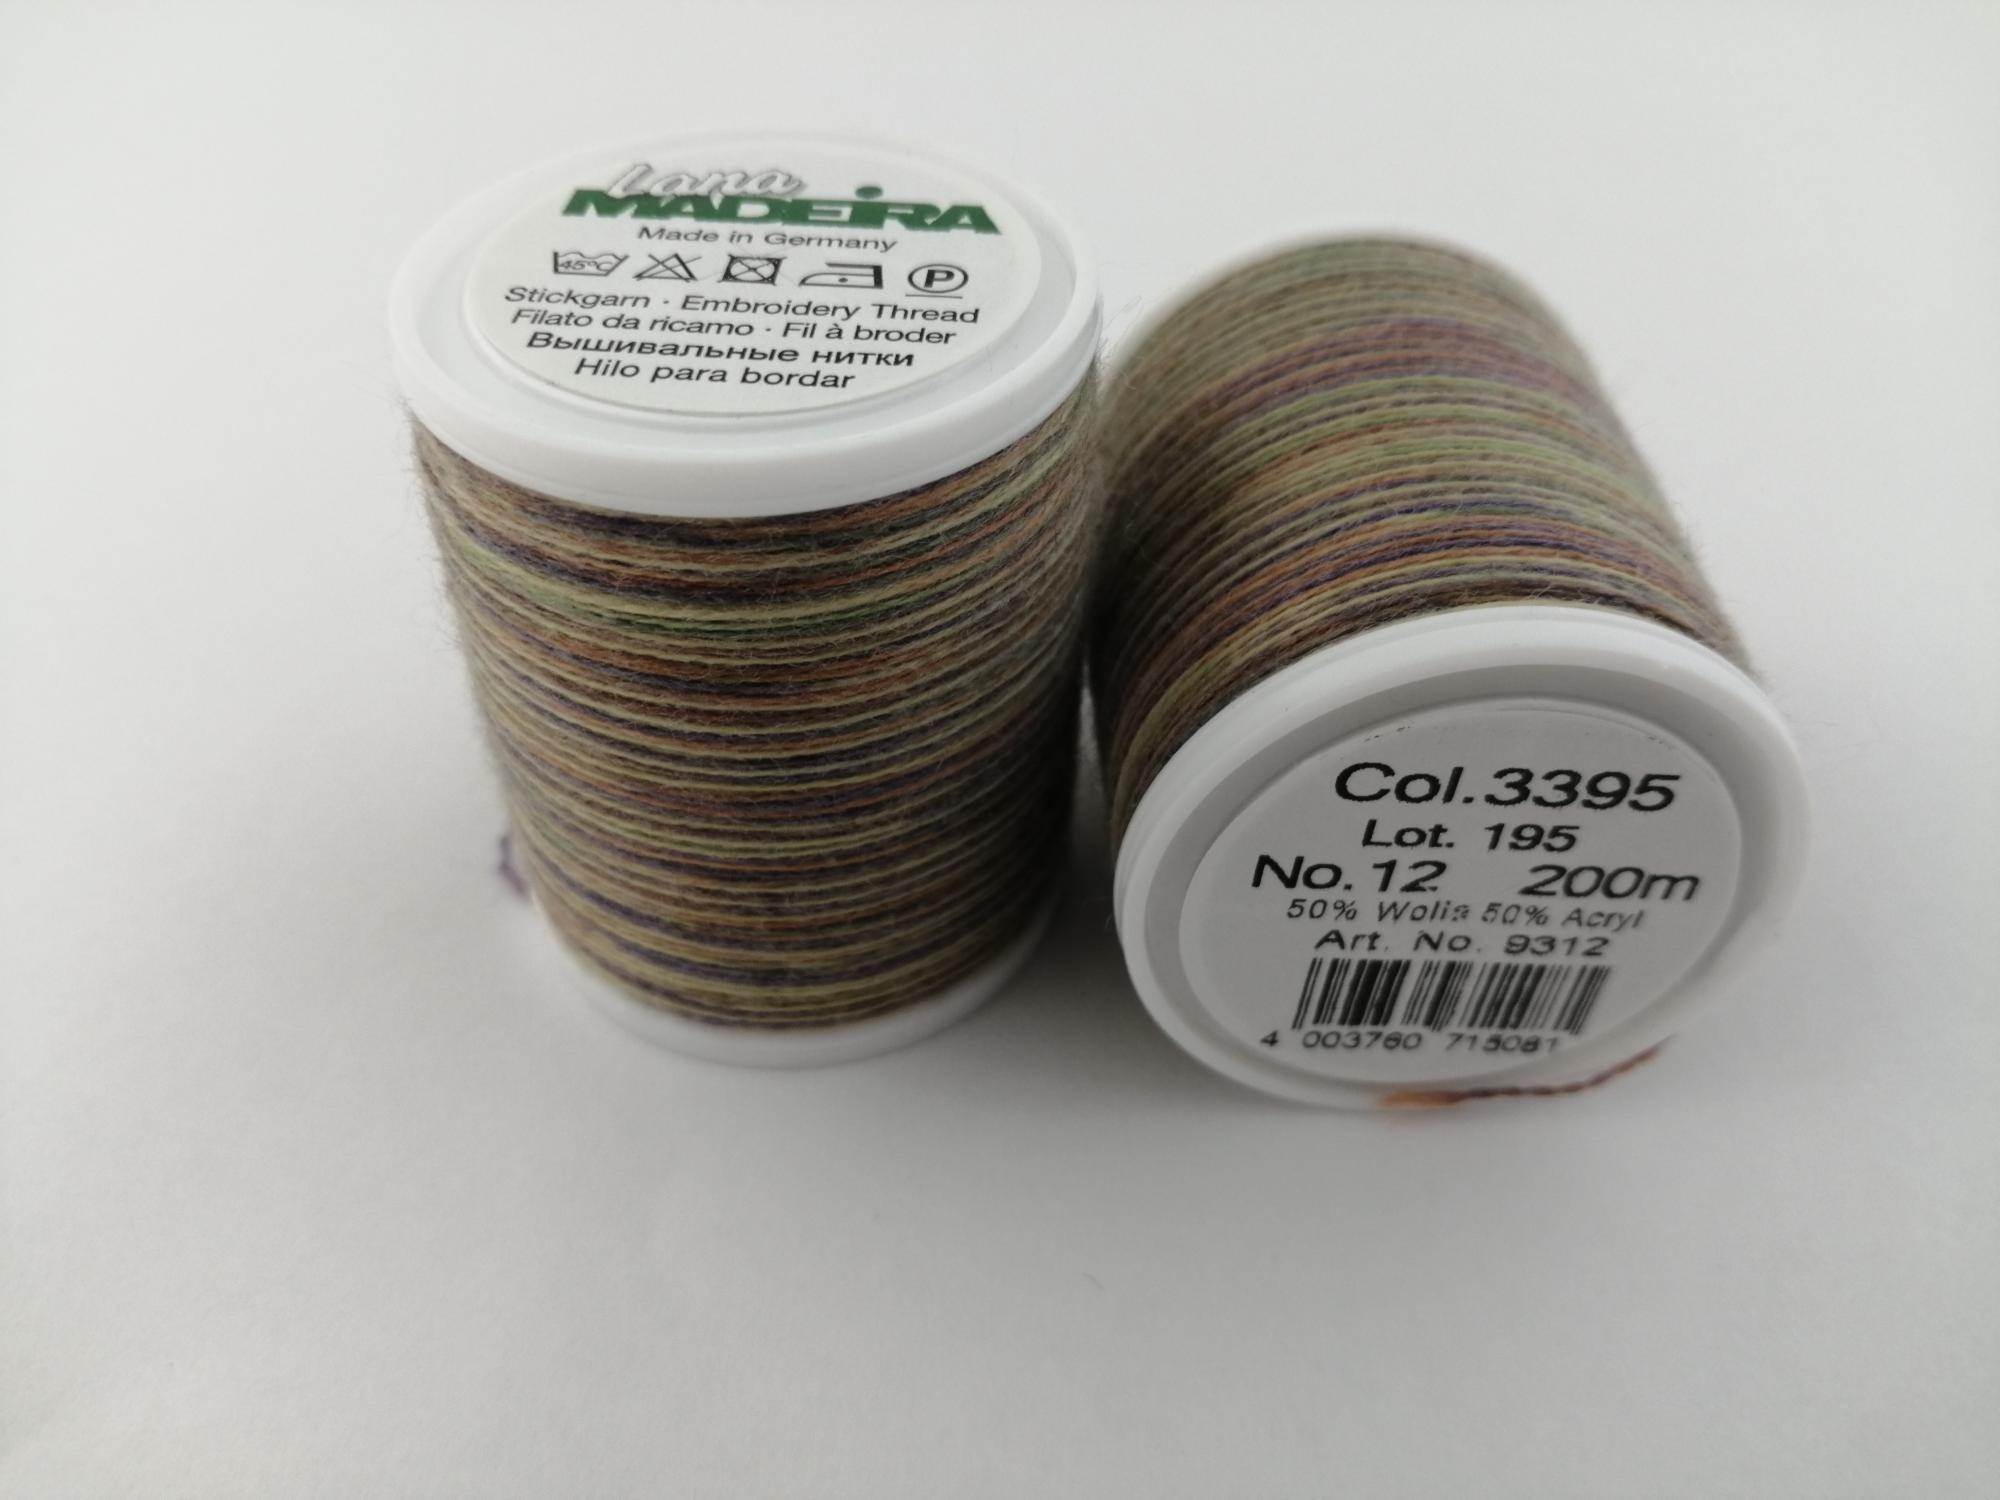 3395/9312 Нитки шерстянные вышивальные Lana multi №12 (200м)